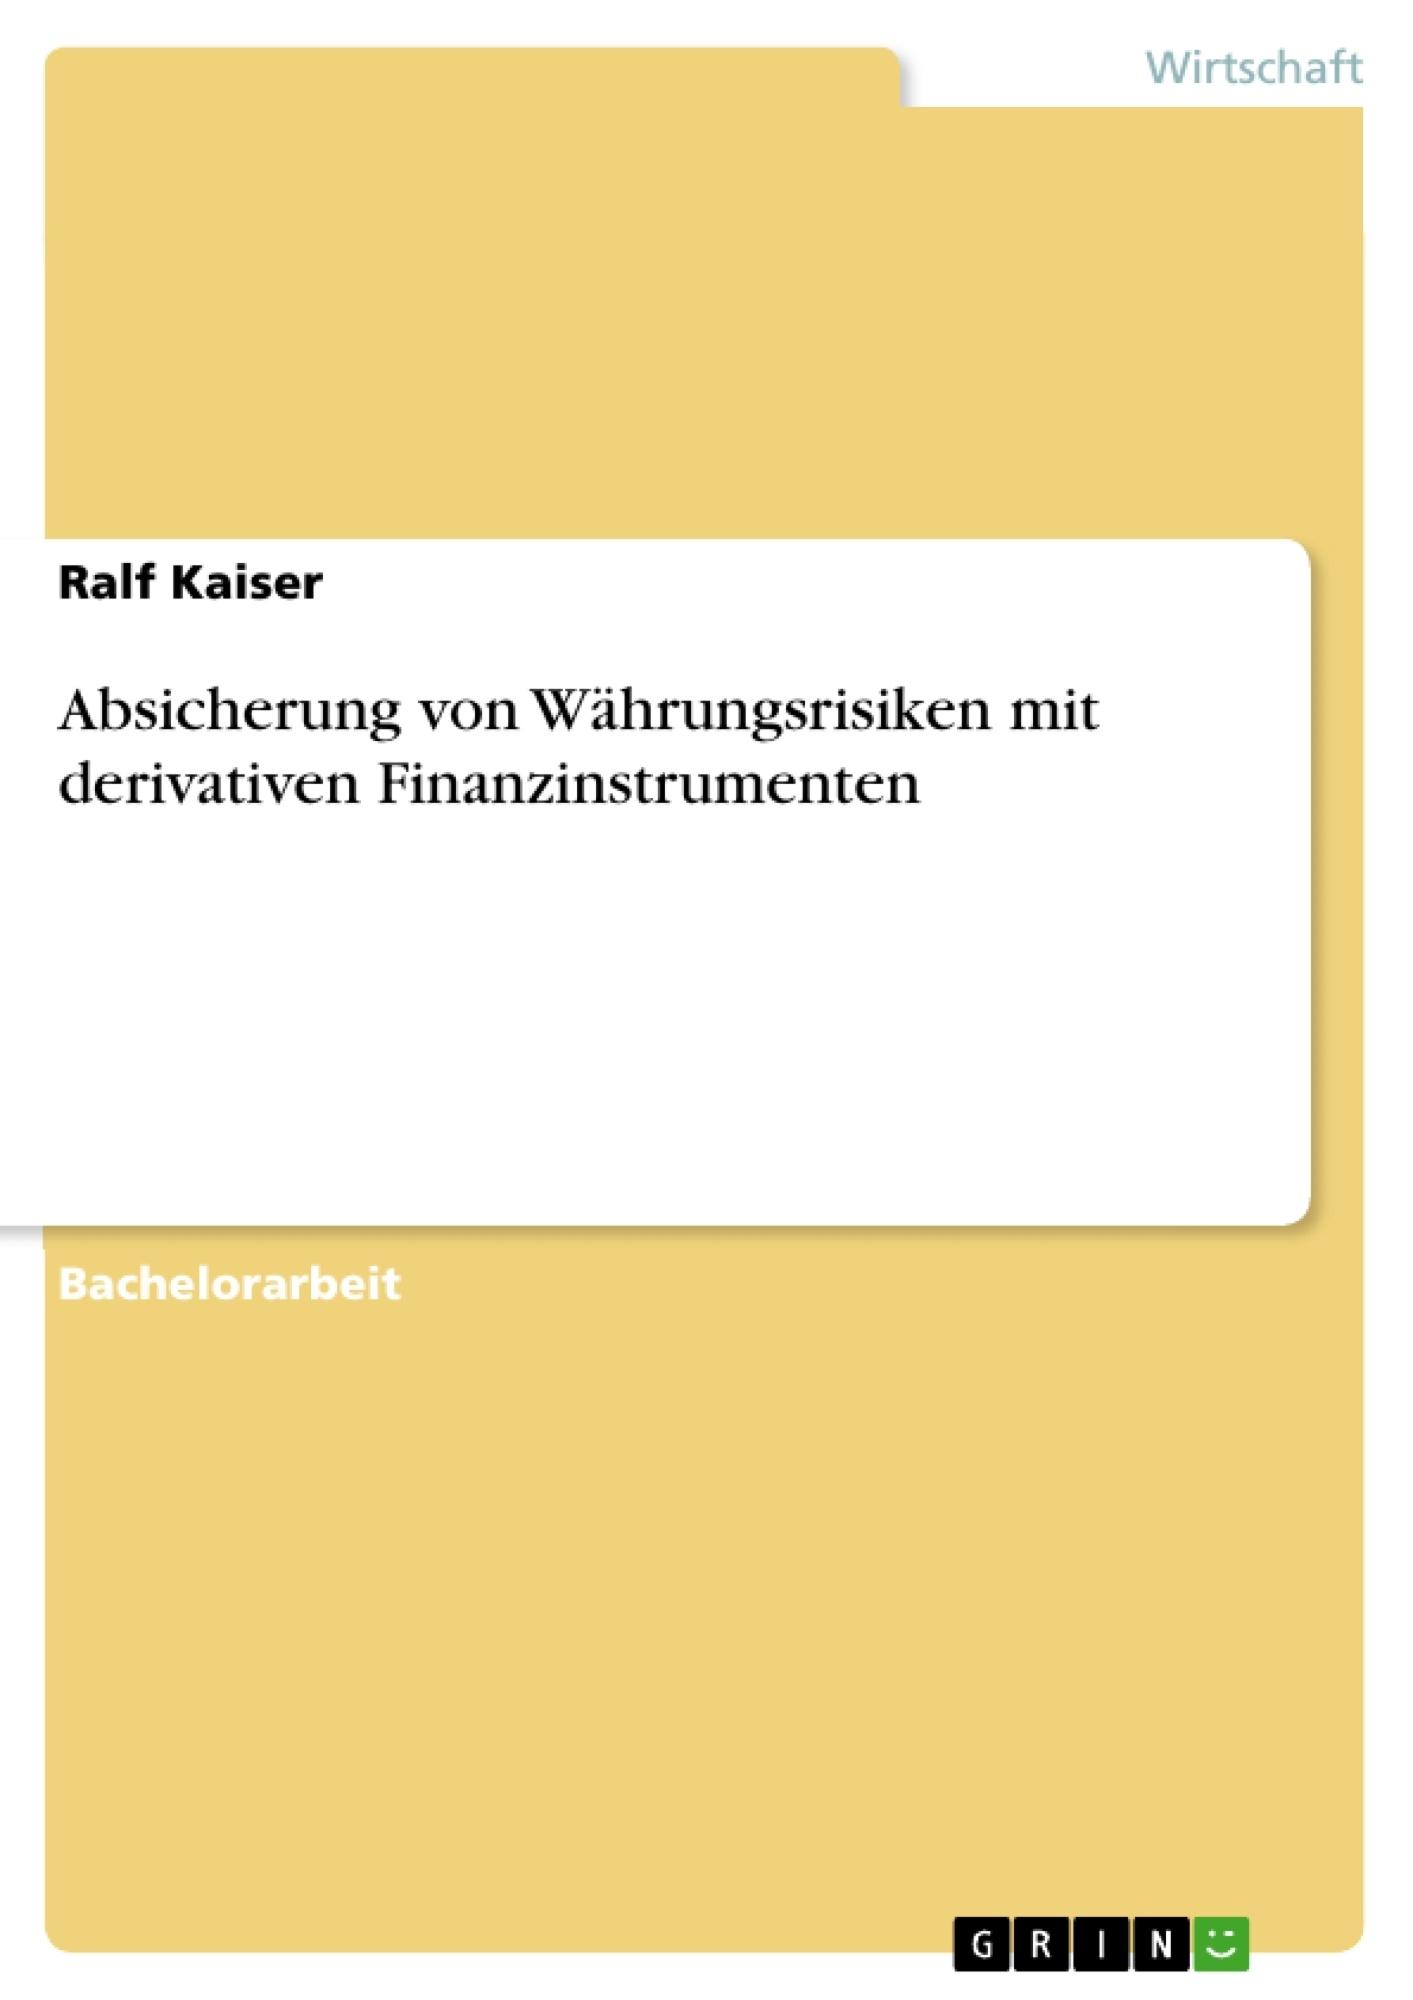 Titel: Absicherung von Währungsrisiken mit derivativen Finanzinstrumenten